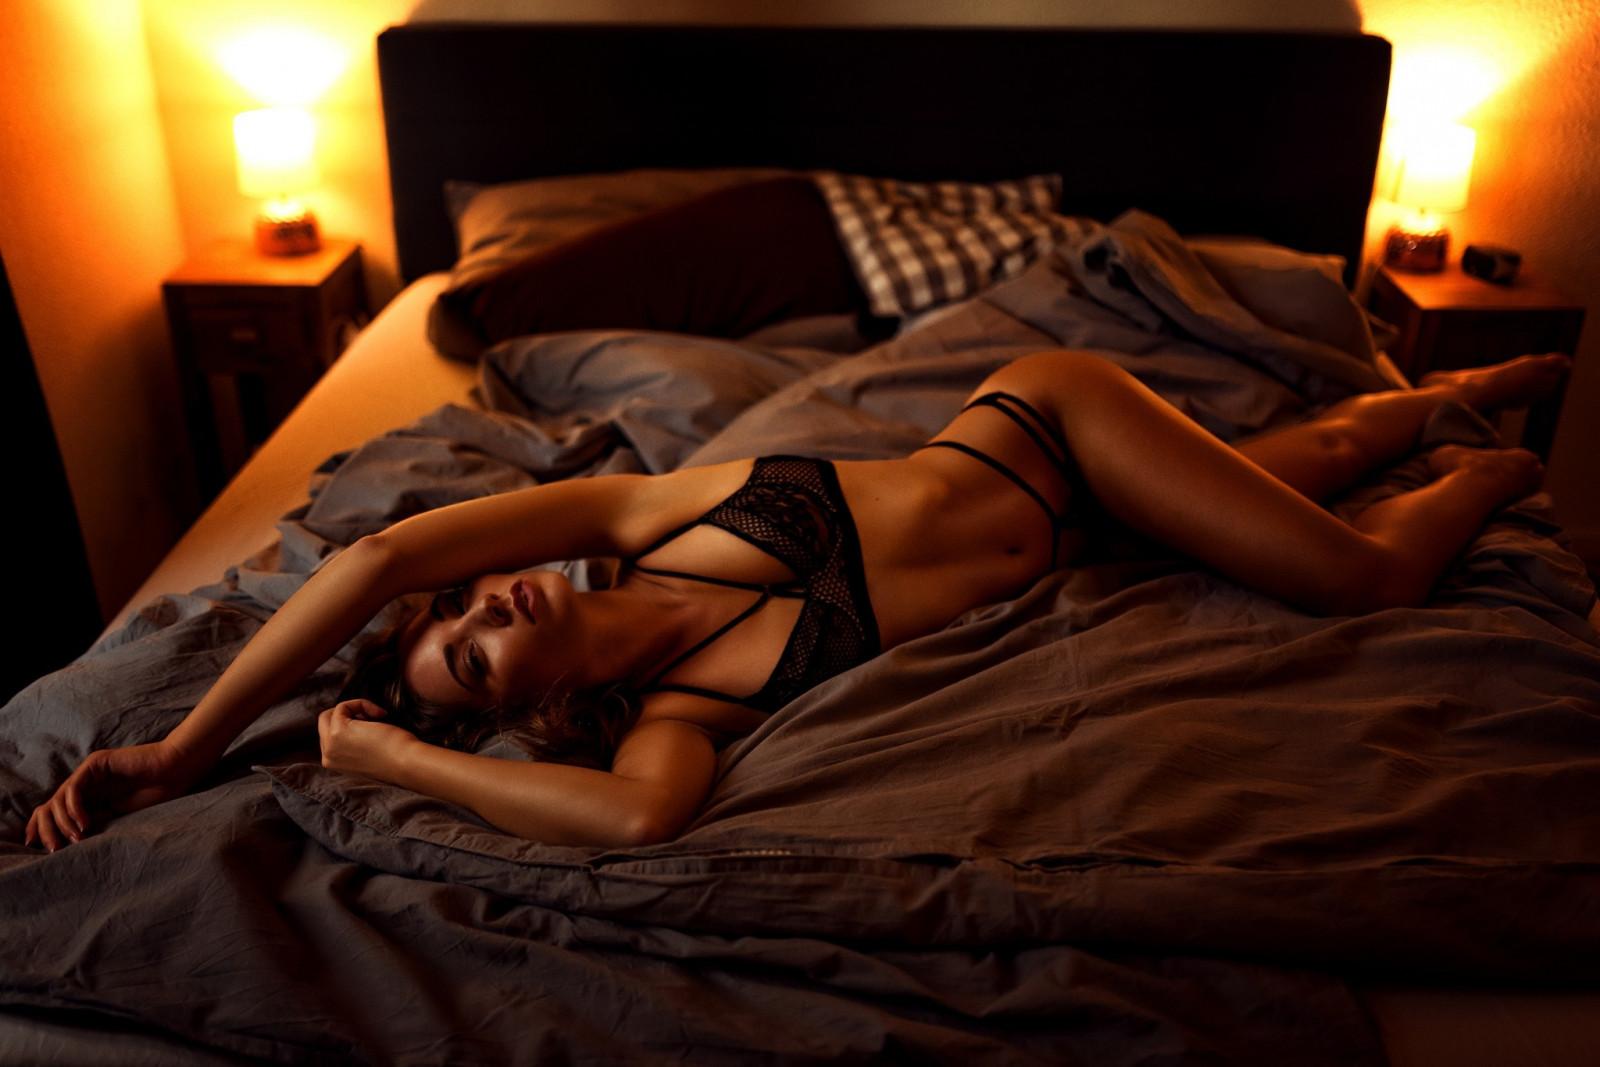 Дешевая девушка на ночь молодая и сама на себя работает